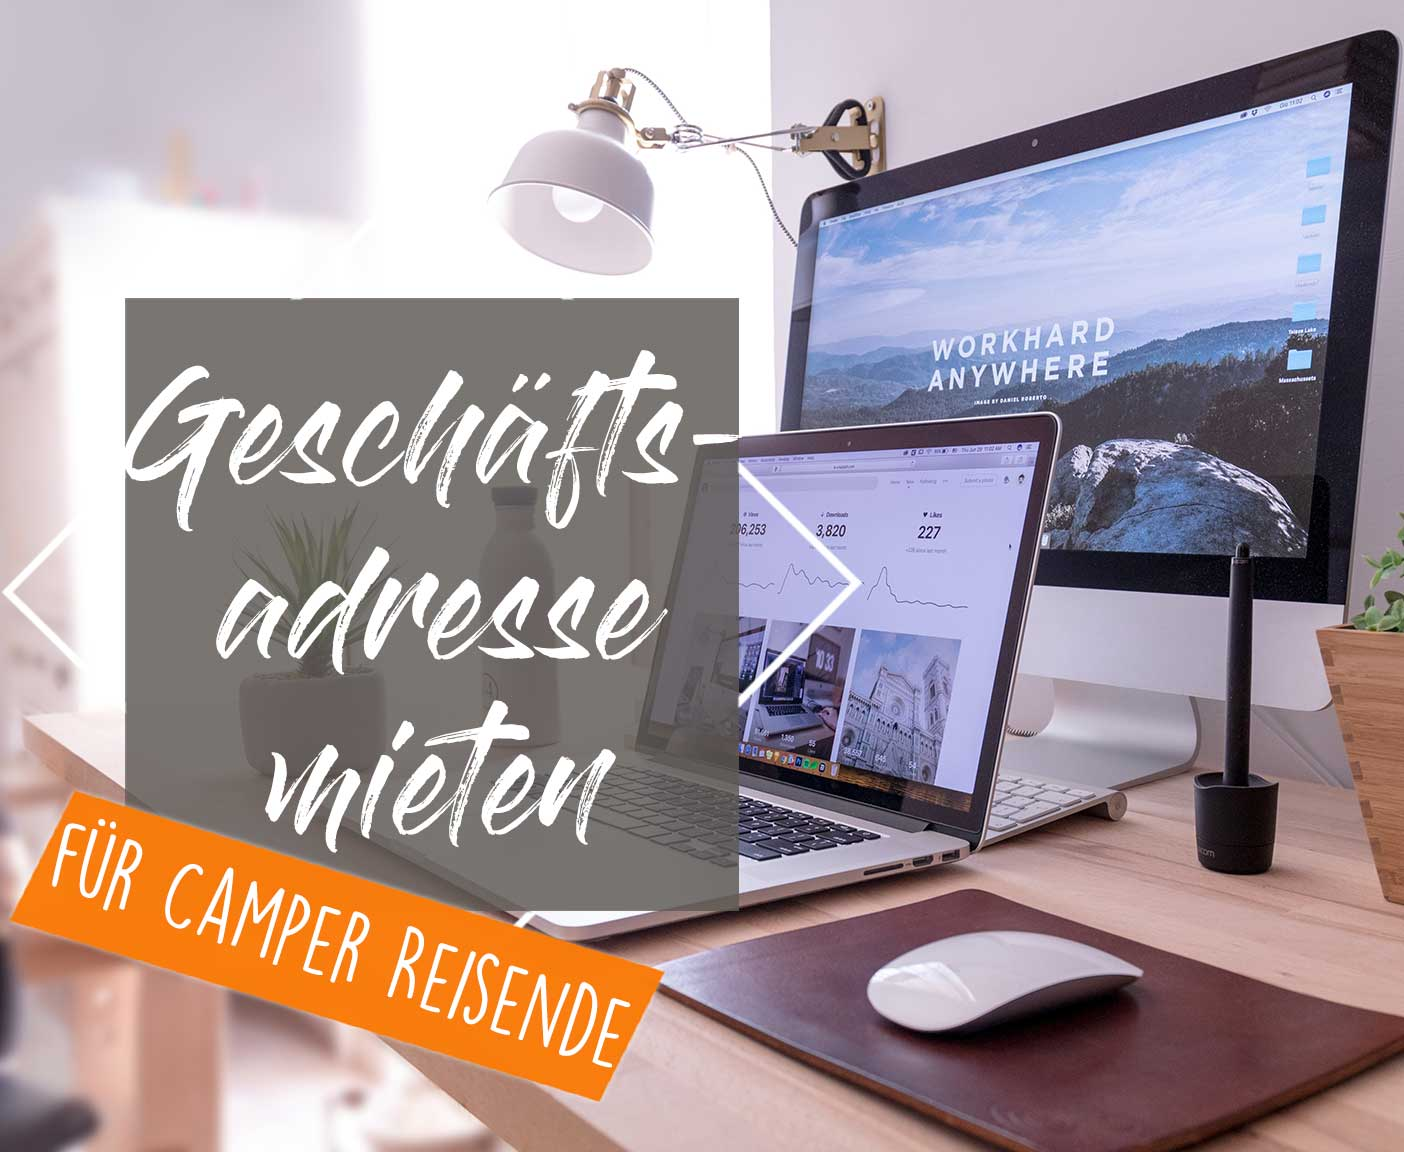 Geschäftsadresse mieten - ein virtuelles Büro für Camper Reisende